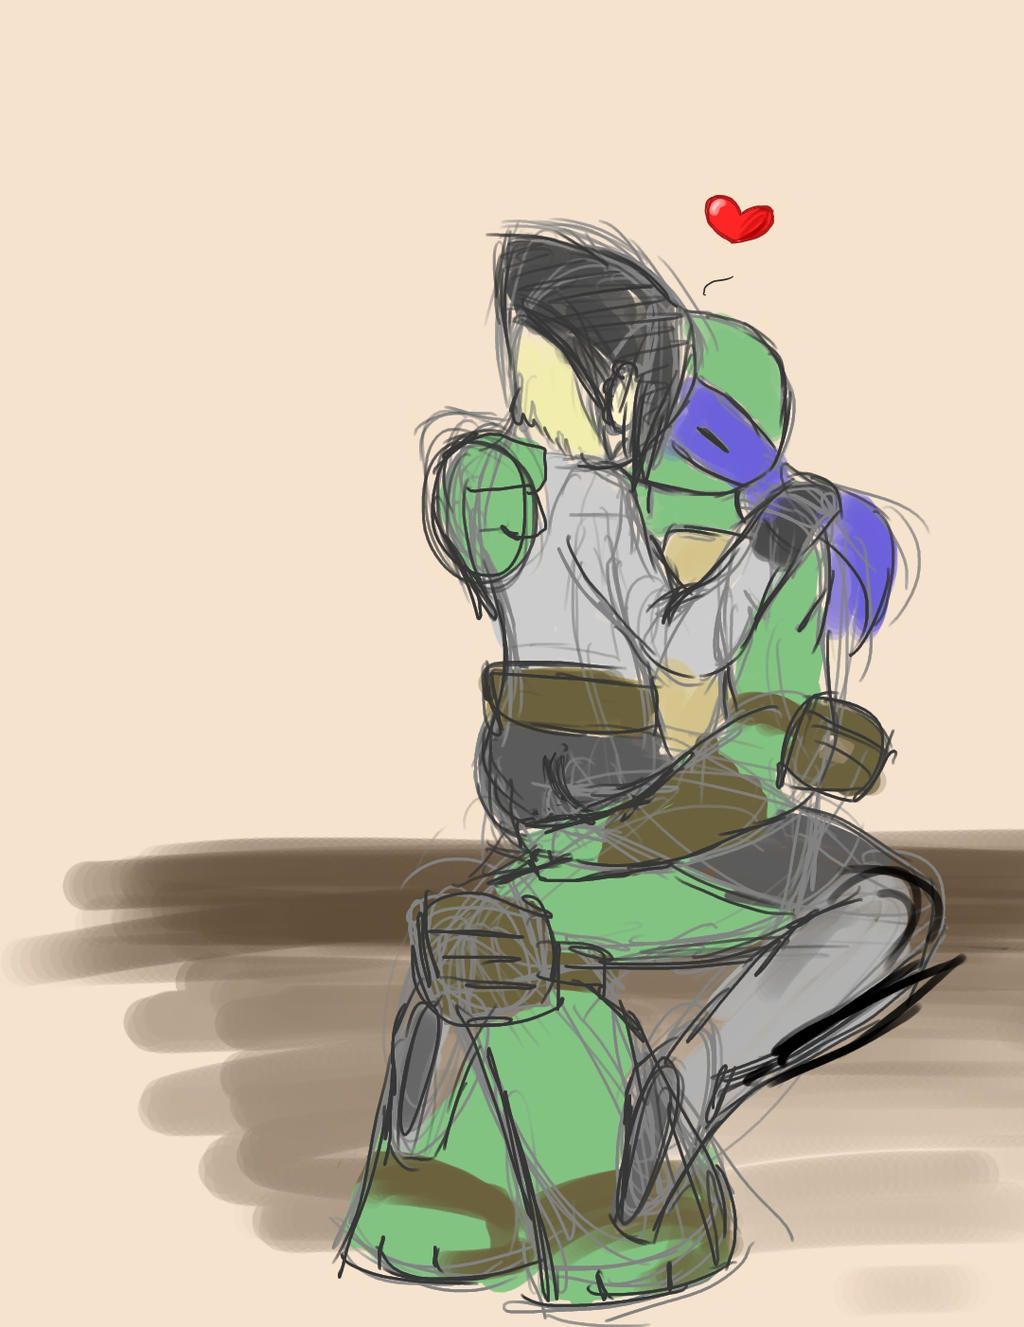 ninja turtles leonardo and karai